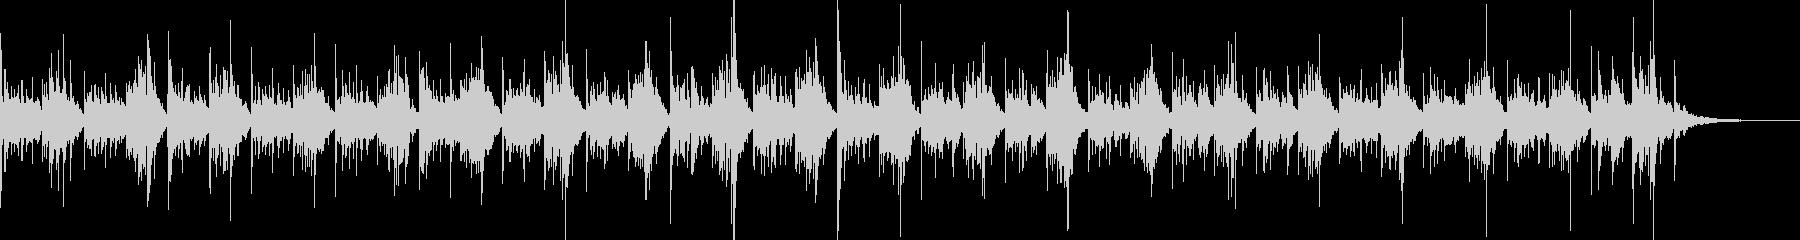 和楽器の音が特徴的な落ち着きあるサウンドの未再生の波形